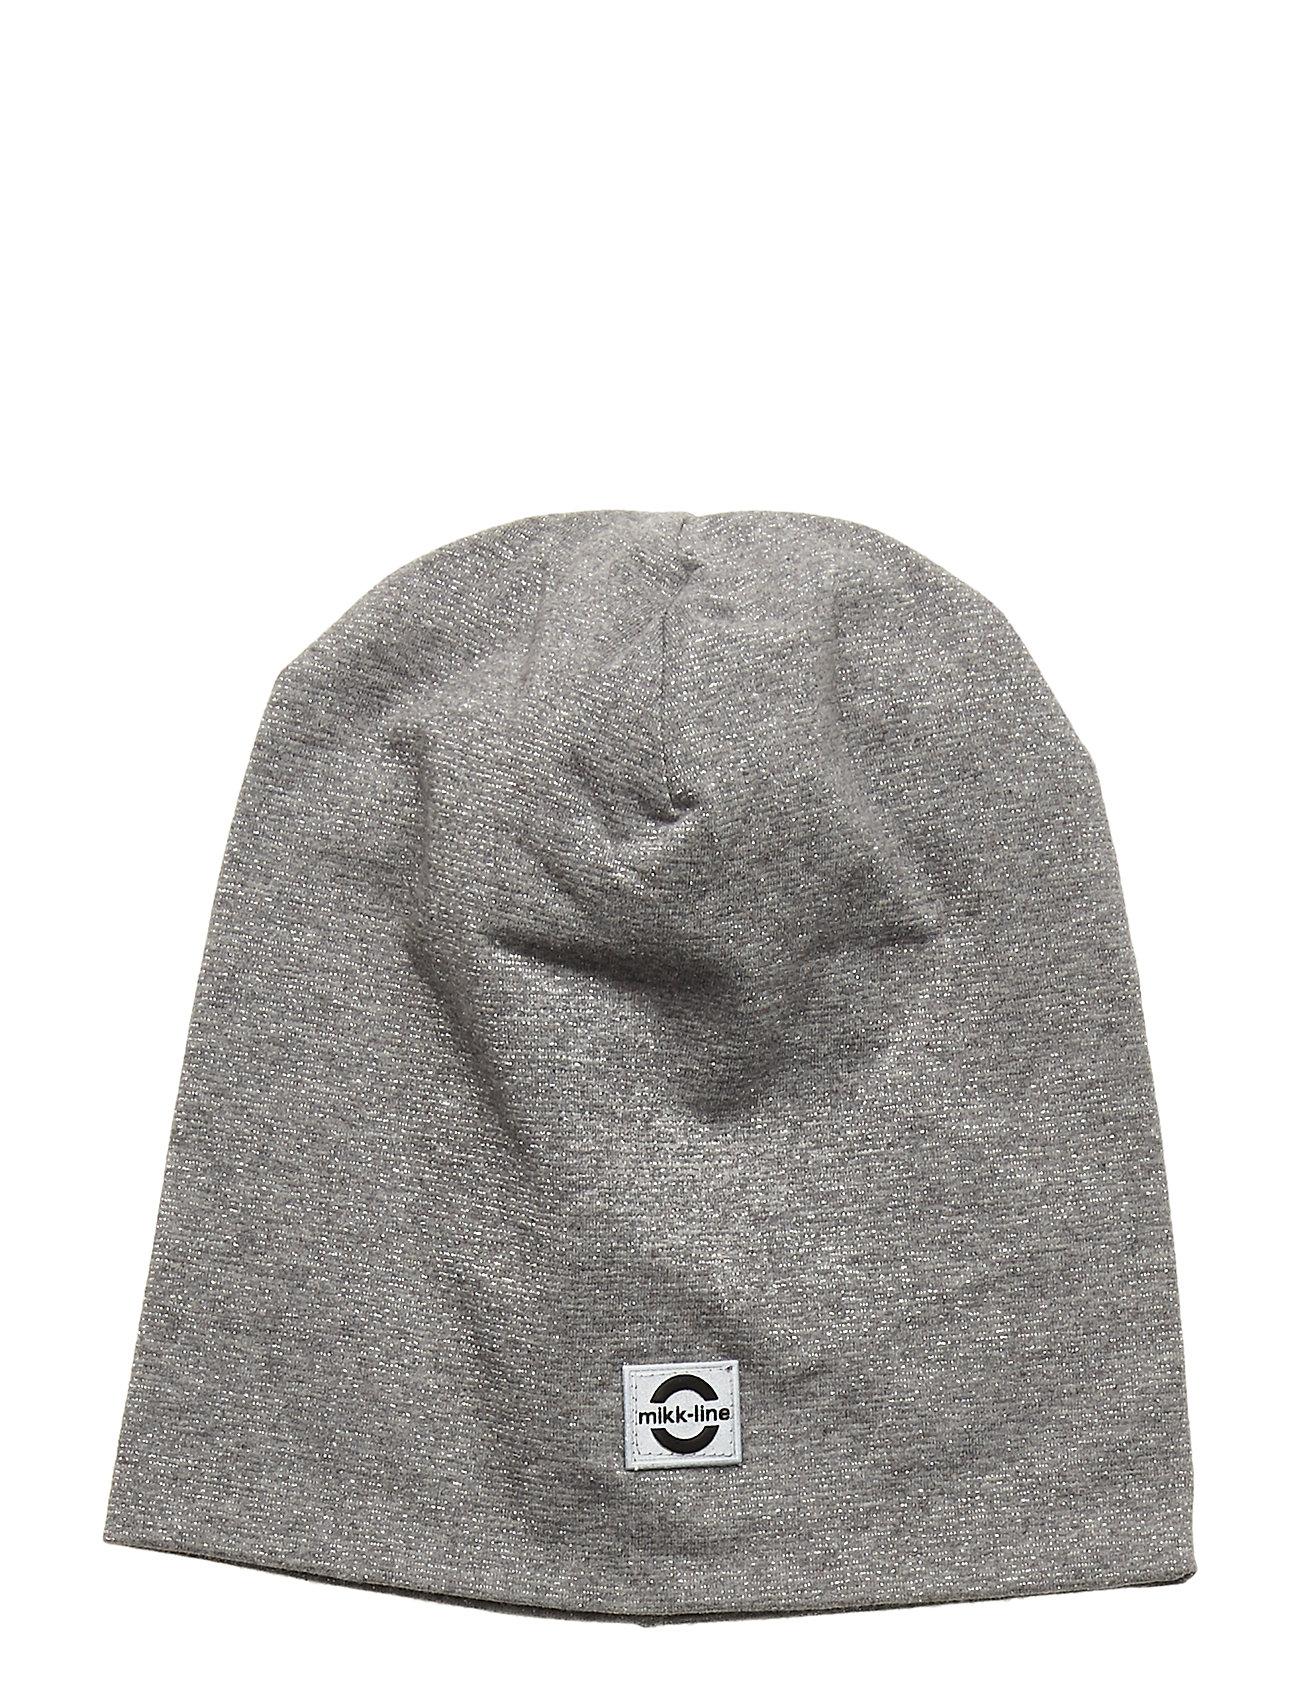 Image of Cotton Lurex Hat Accessories Headwear Hats Grå Mikk-Line (3406311261)